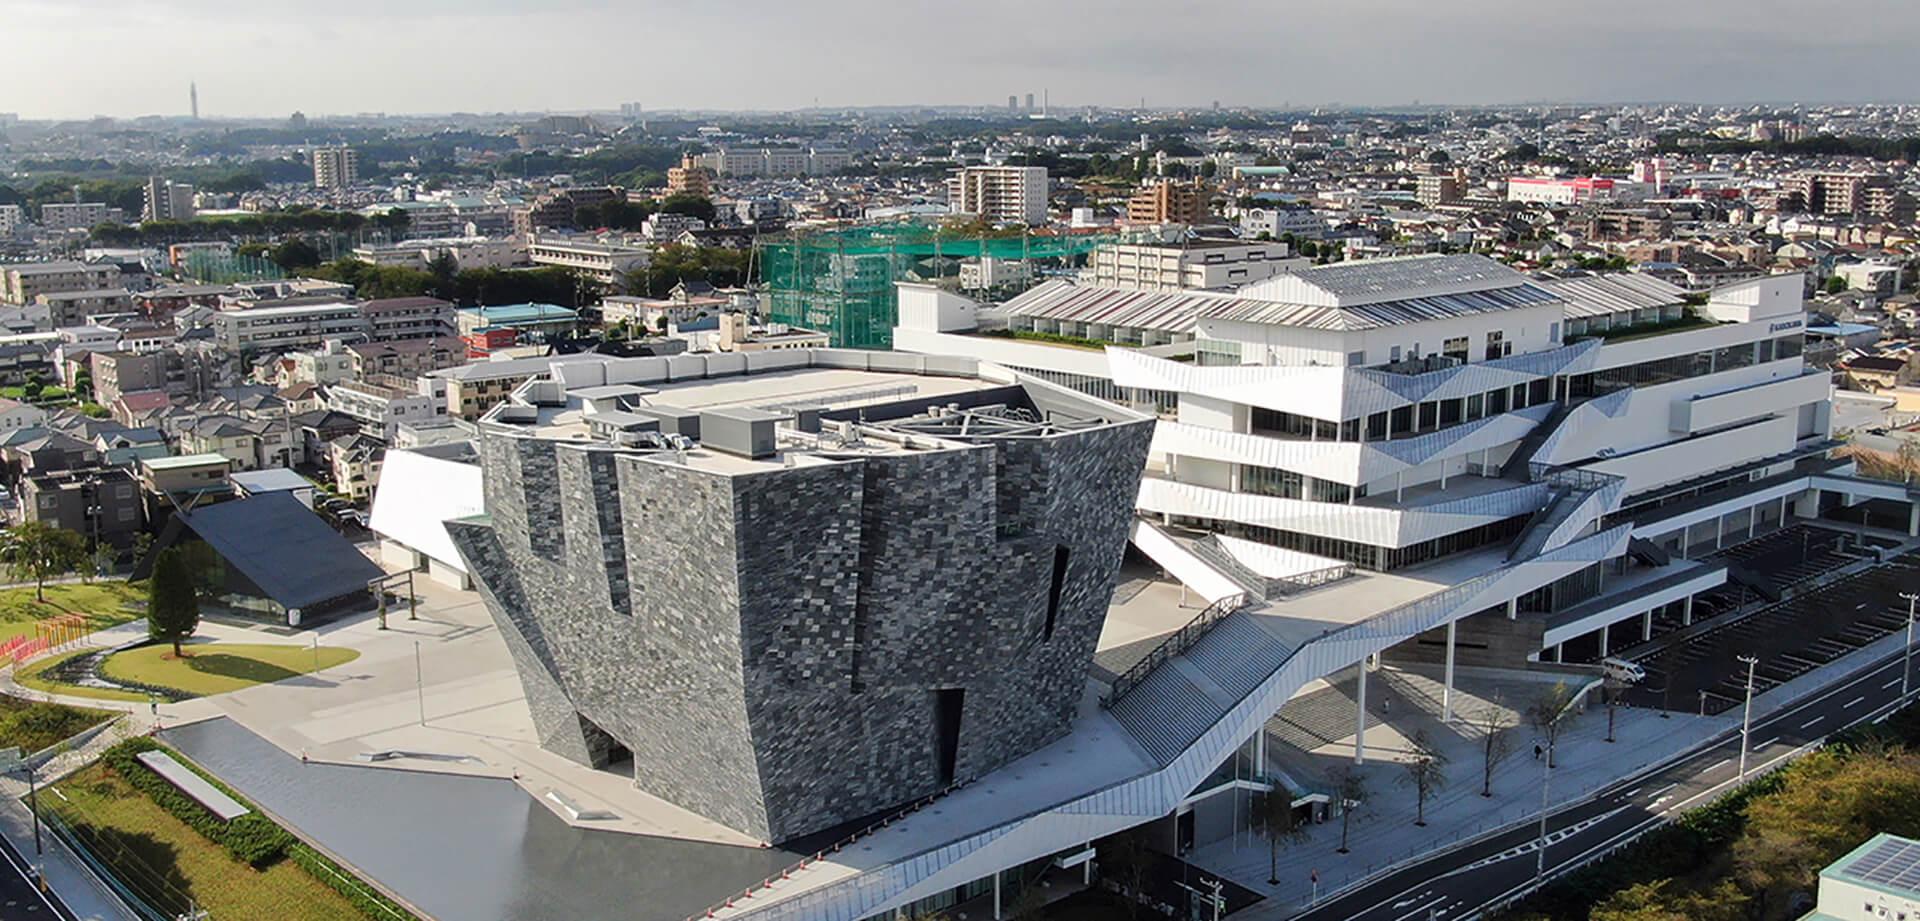 「ところざわサクラタウン」 「角川武蔵野ミュージアム」